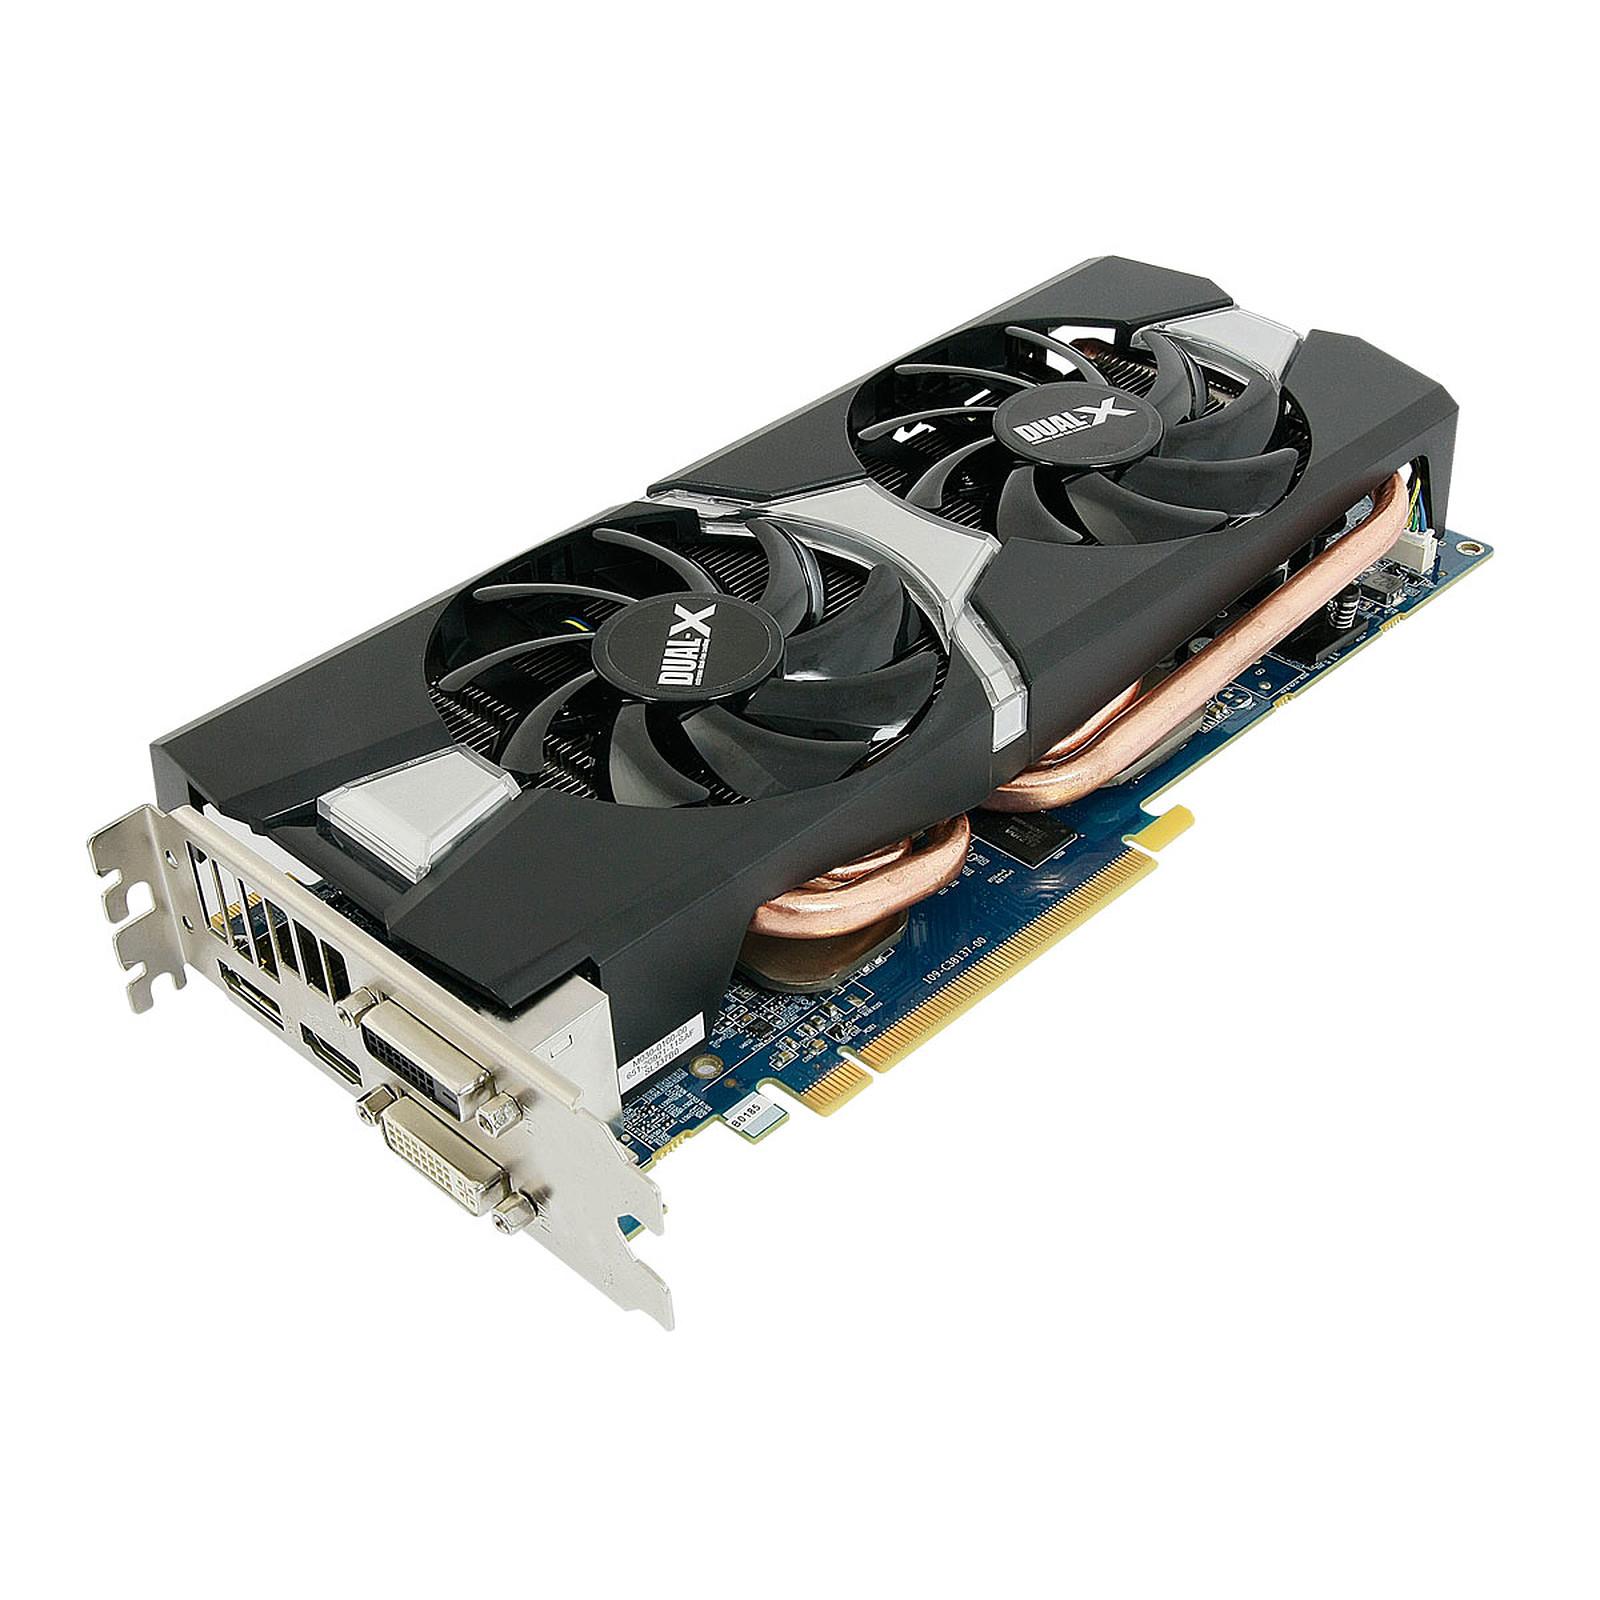 ASUS Radeon R9 280X R9280X-DC2T-3GD5 - Carte graphique